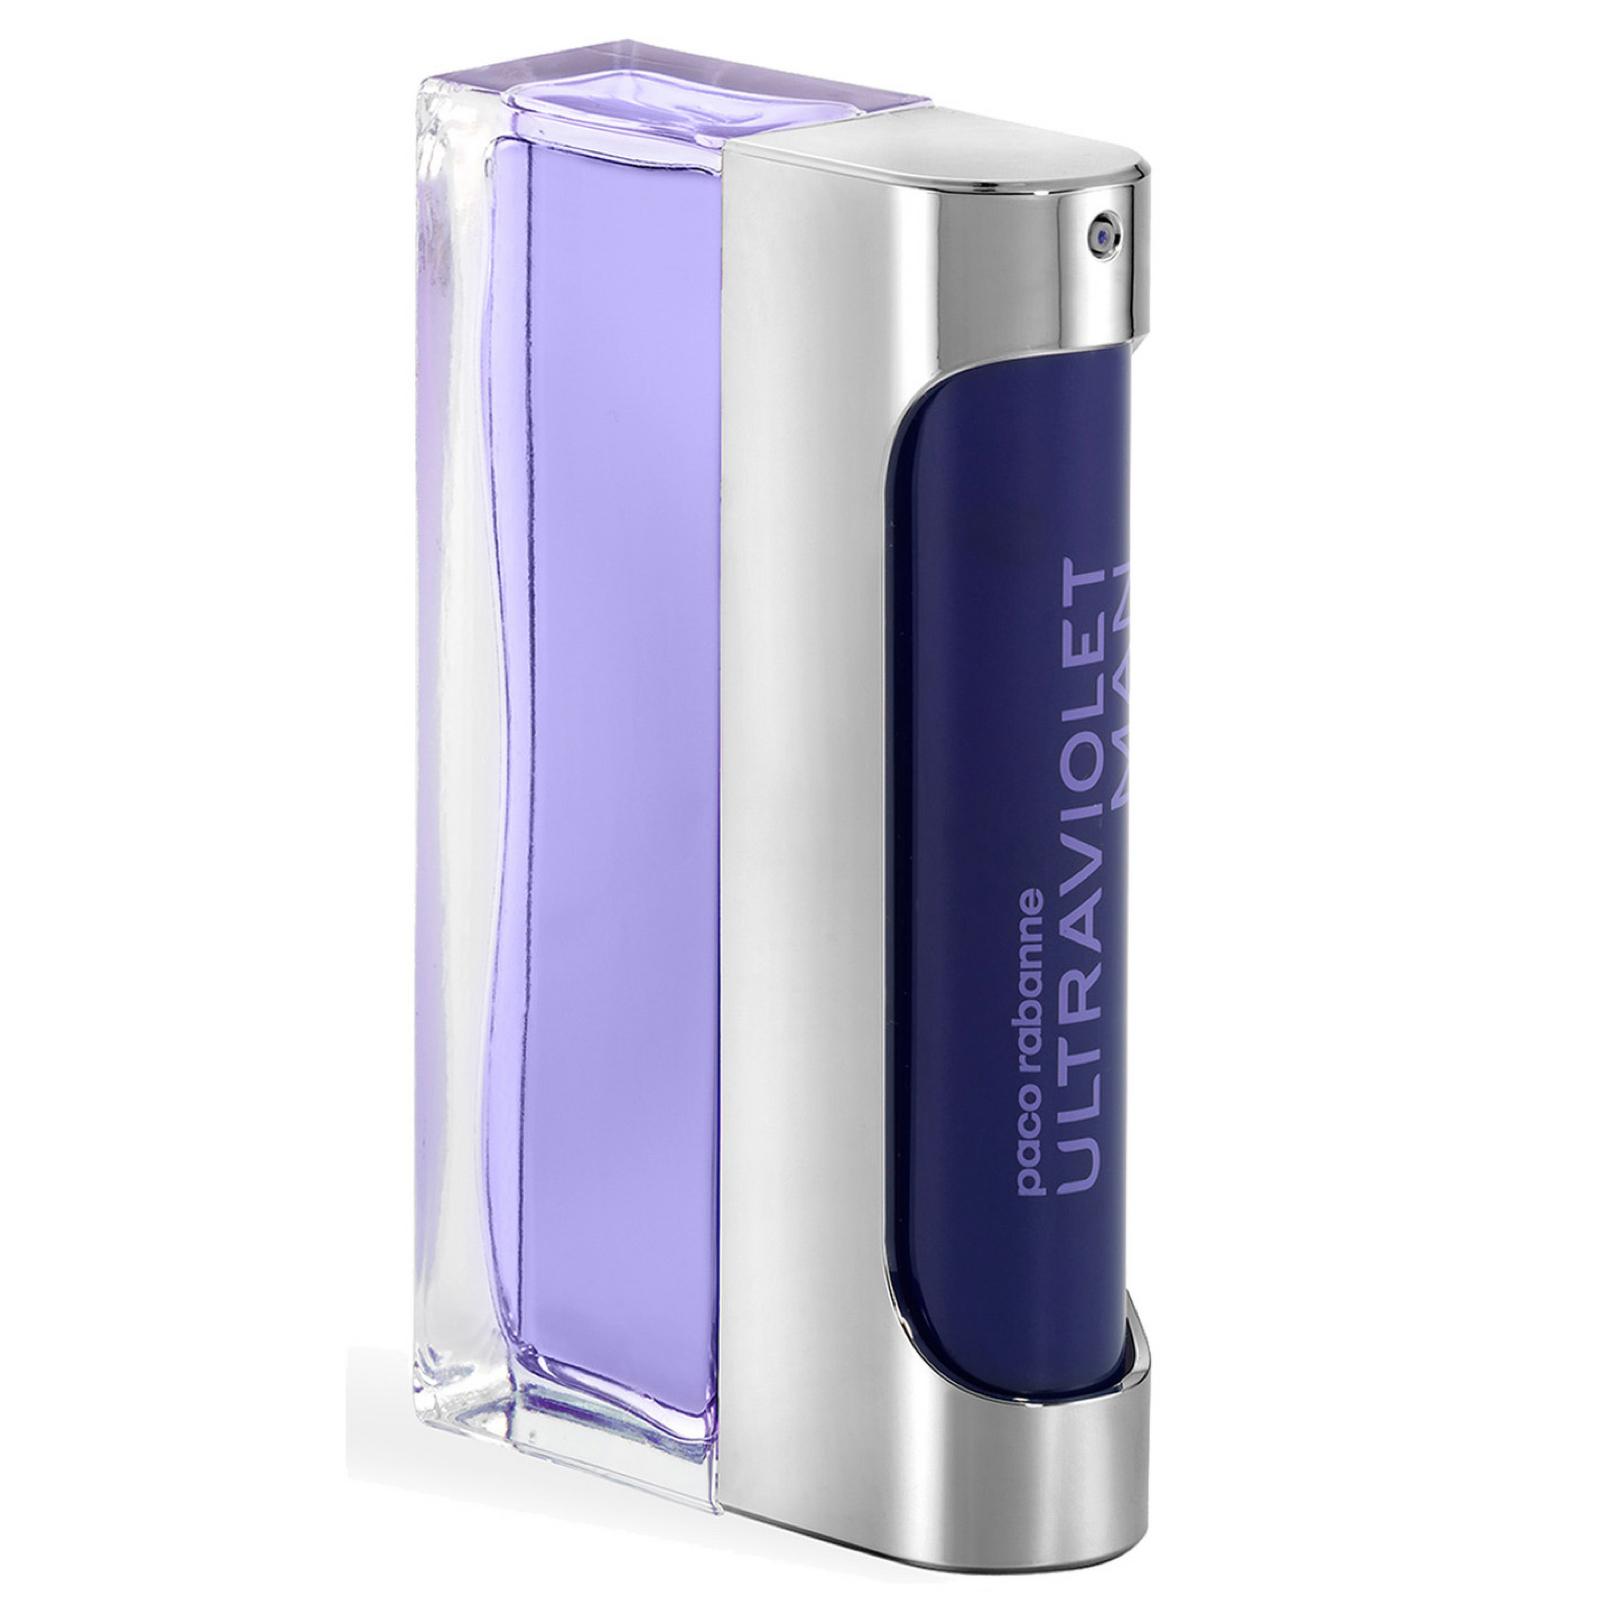 Paco Rabanne - Ultraviolet EDT 100 ml